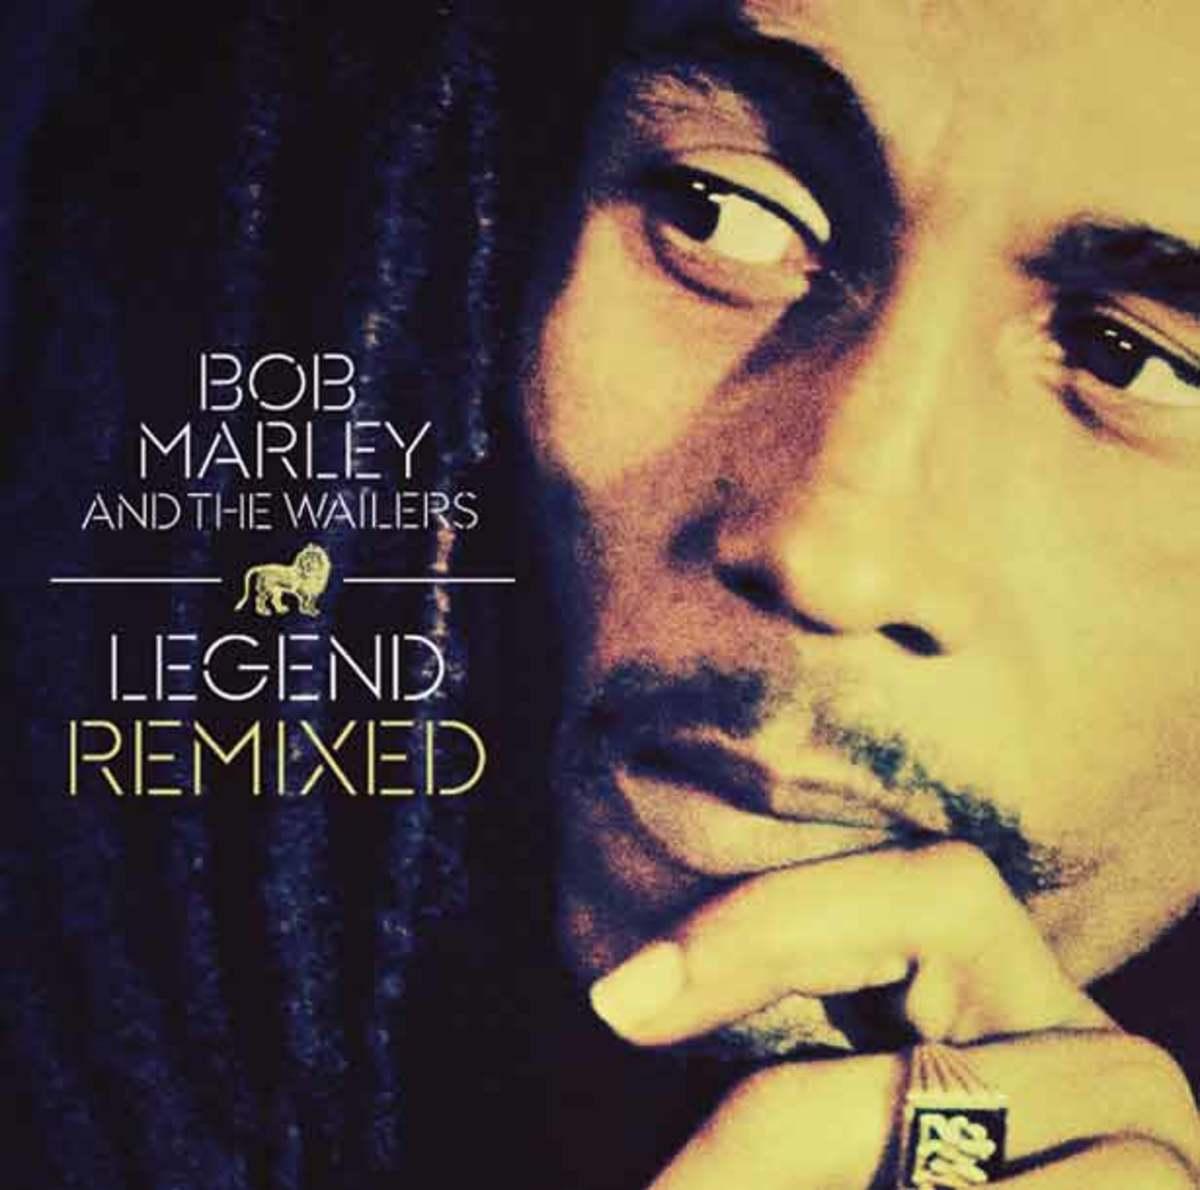 EDM News: Summer Just Got Better, Bob Marley Remixed Album This June